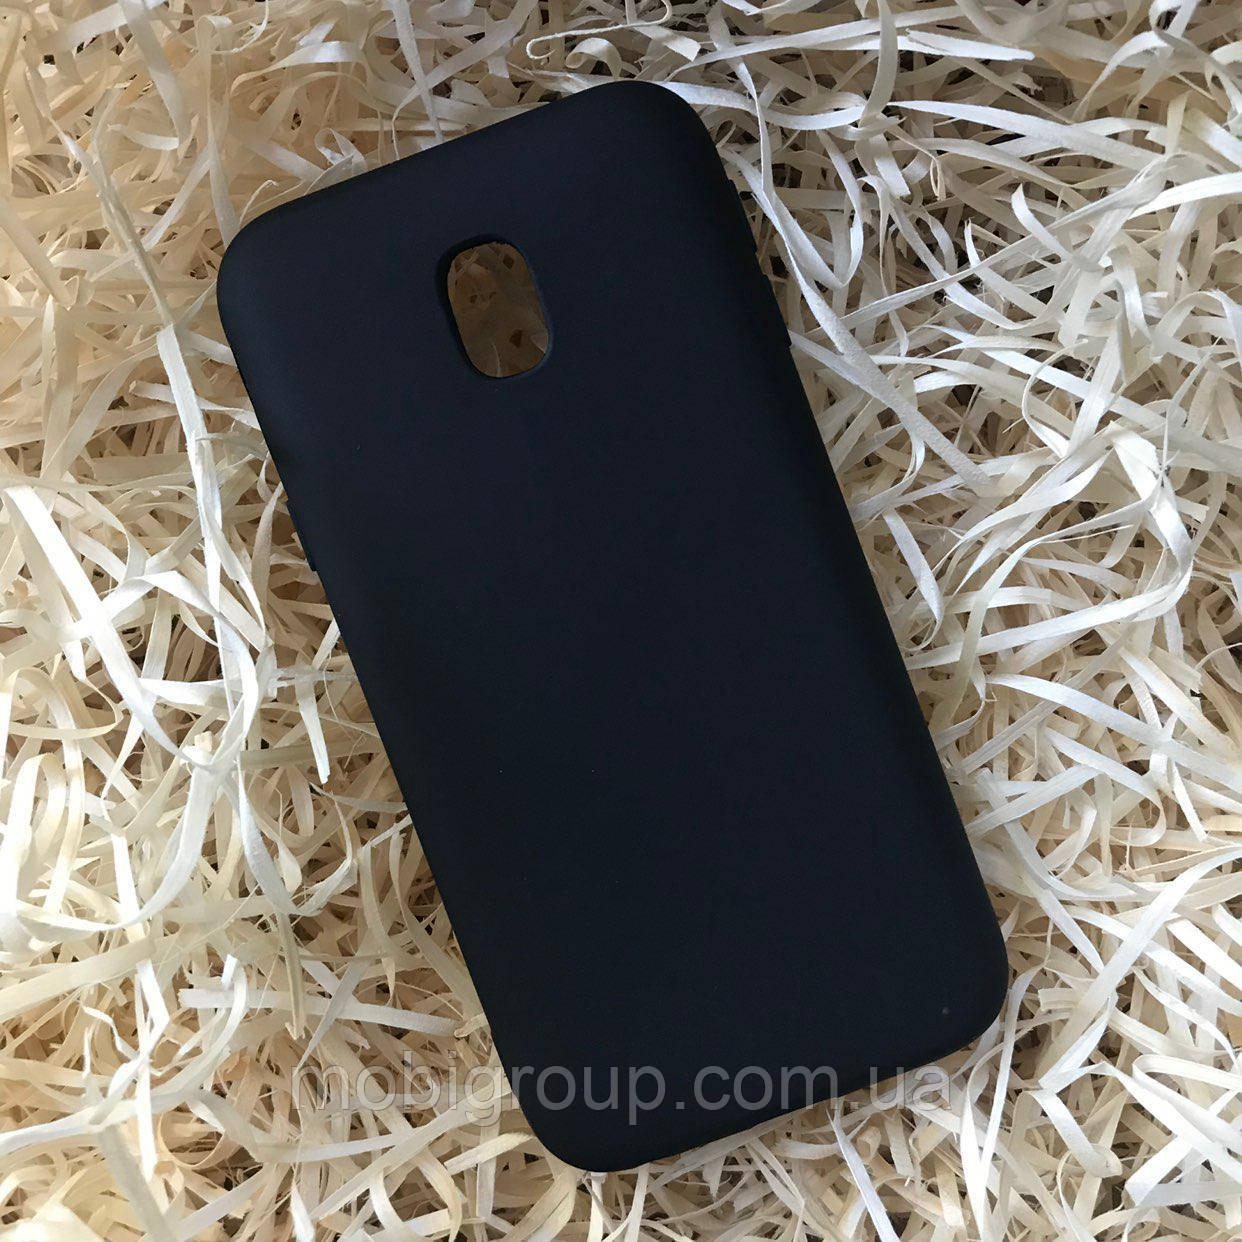 Чехол силиконовый Soft touch для Samsung J5 2017, Black